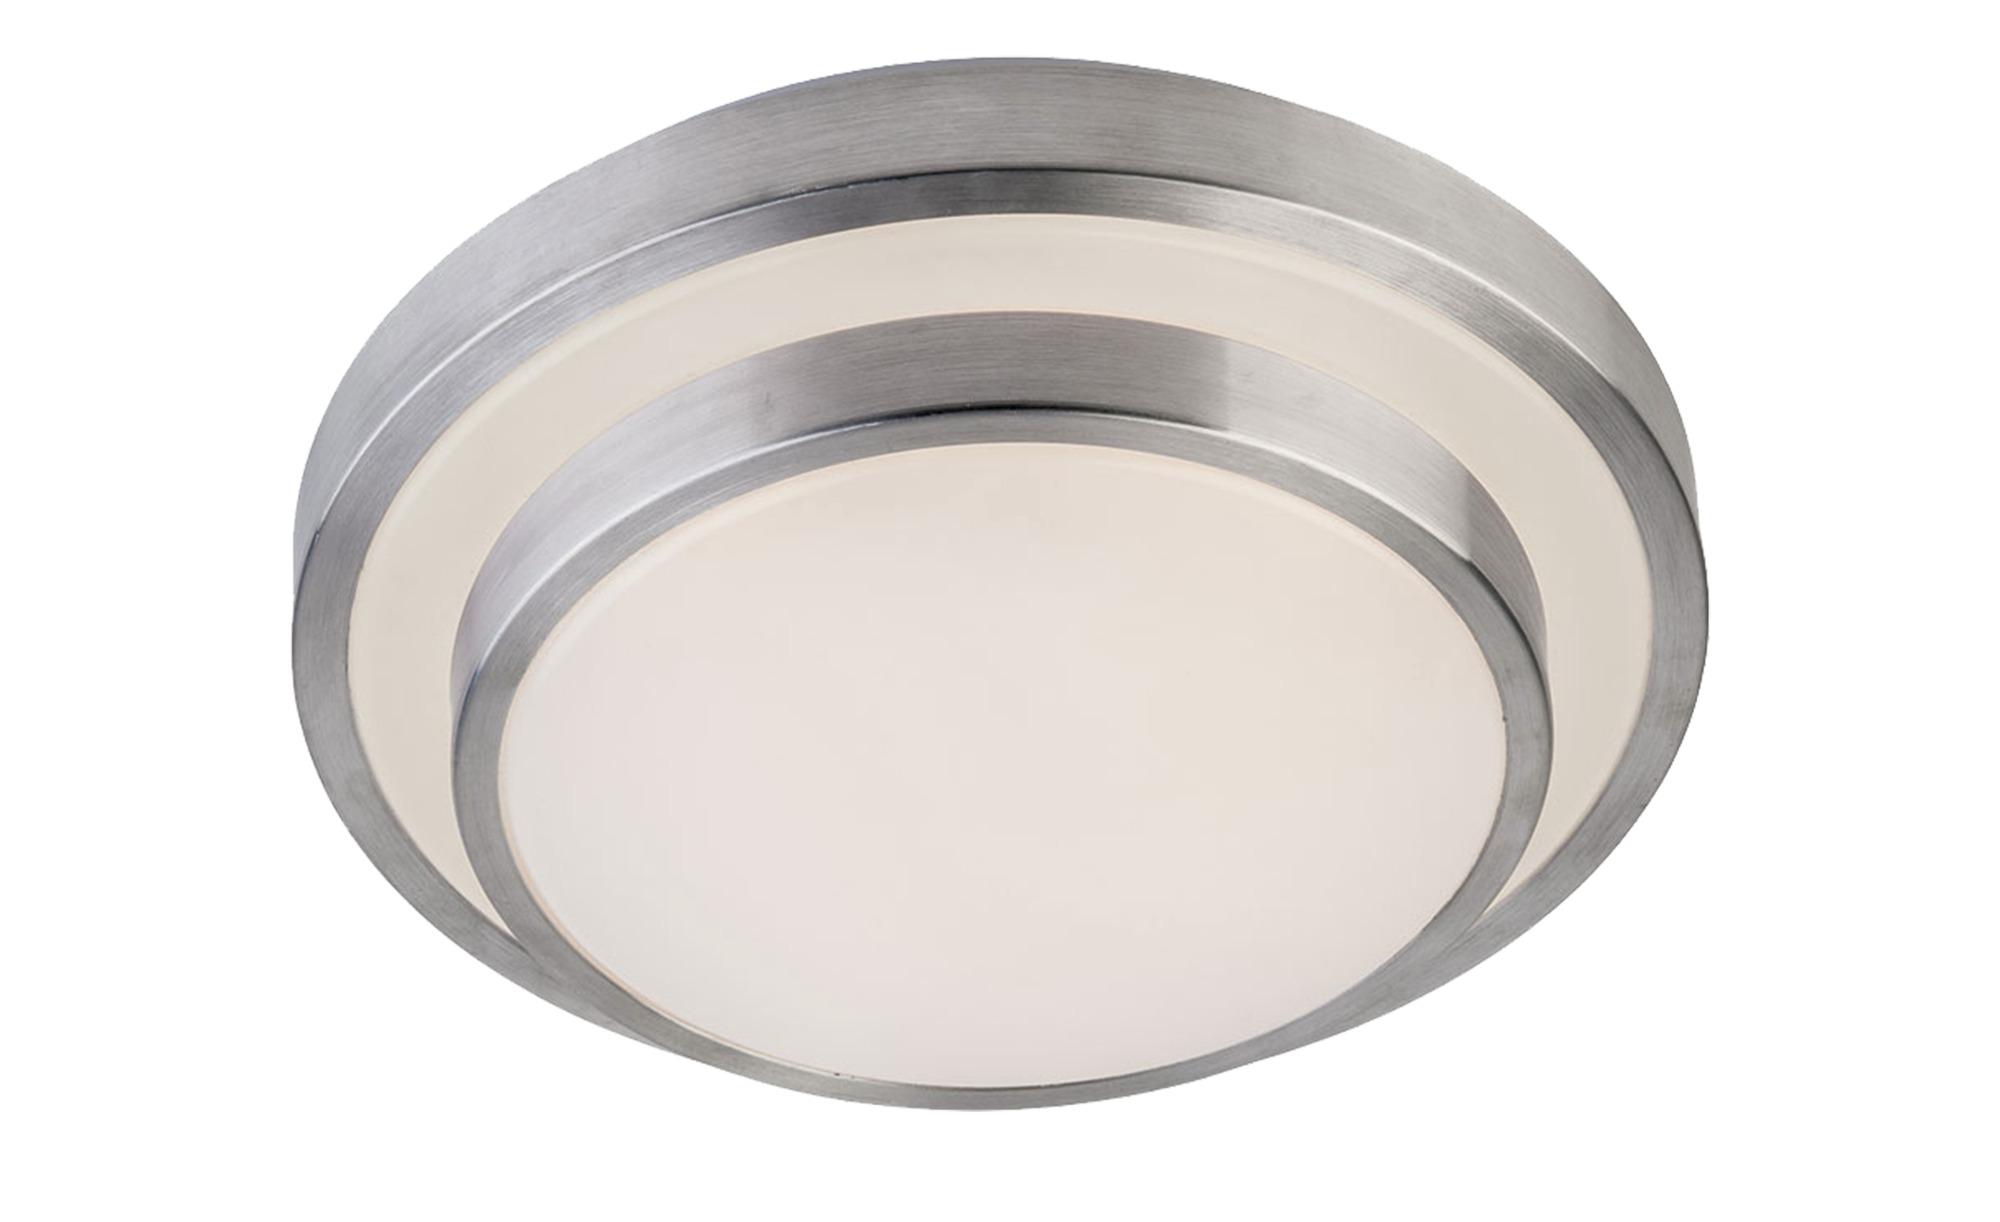 LED- Deckenleuchte, 1-flammig, titanfarben, rund ¦ silberØ: [28.0] Lampen & Leuchten > Innenleuchten > Deckenleuchten - Höffner